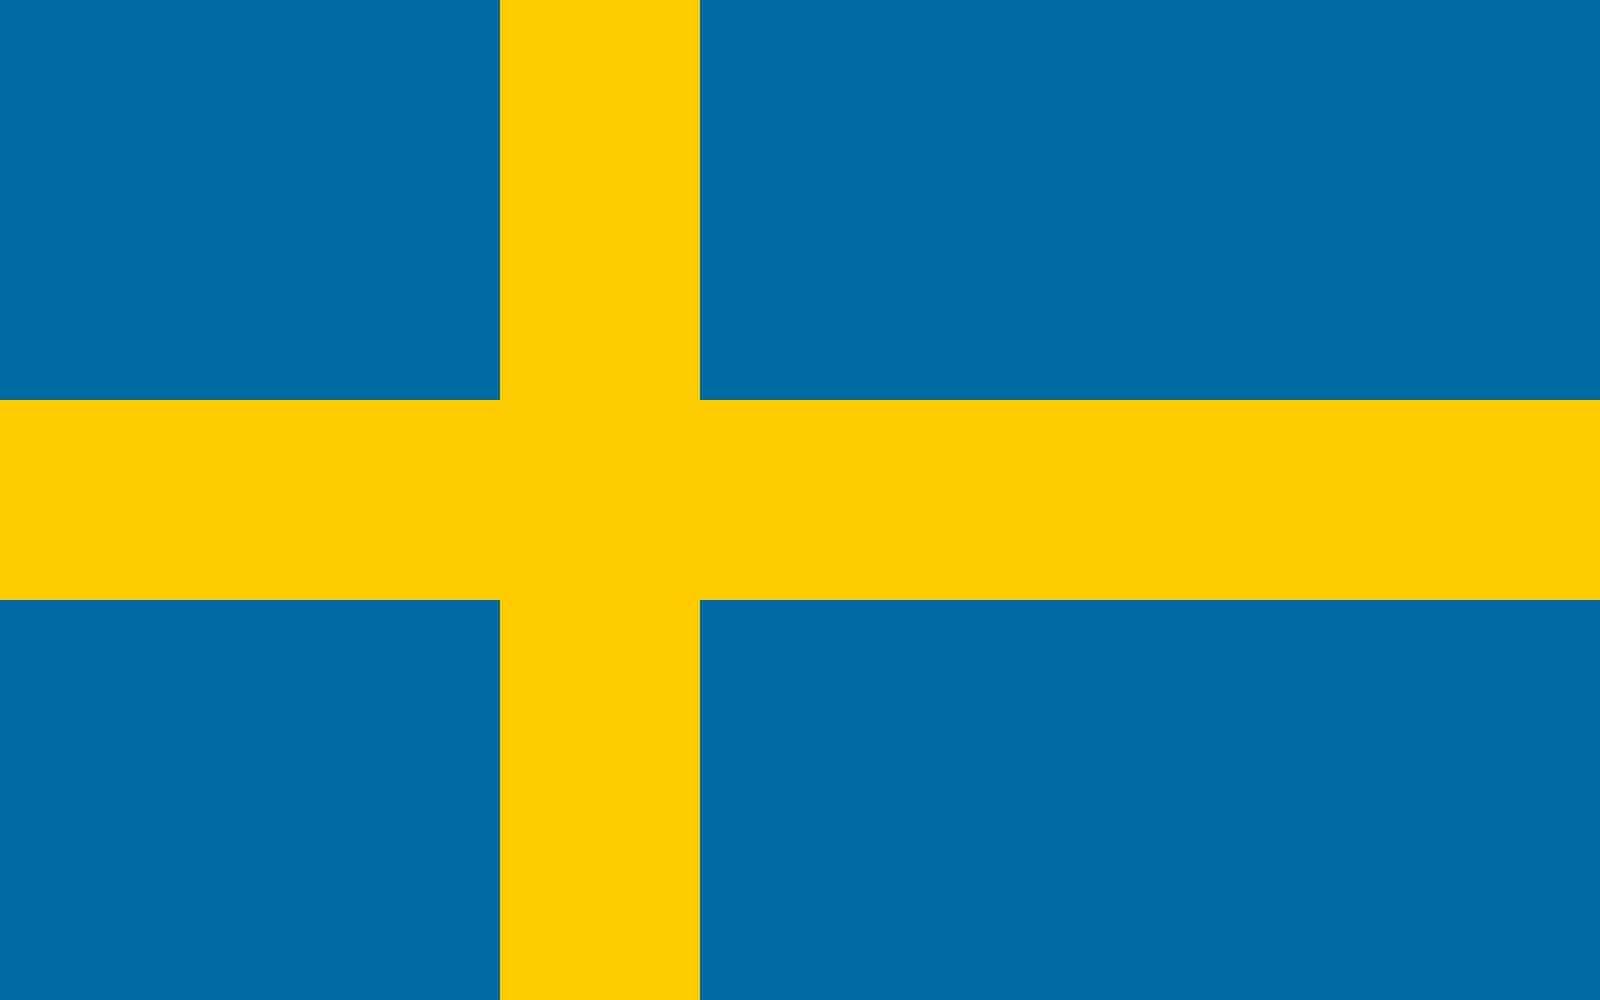 Drapeau du pays : Suède